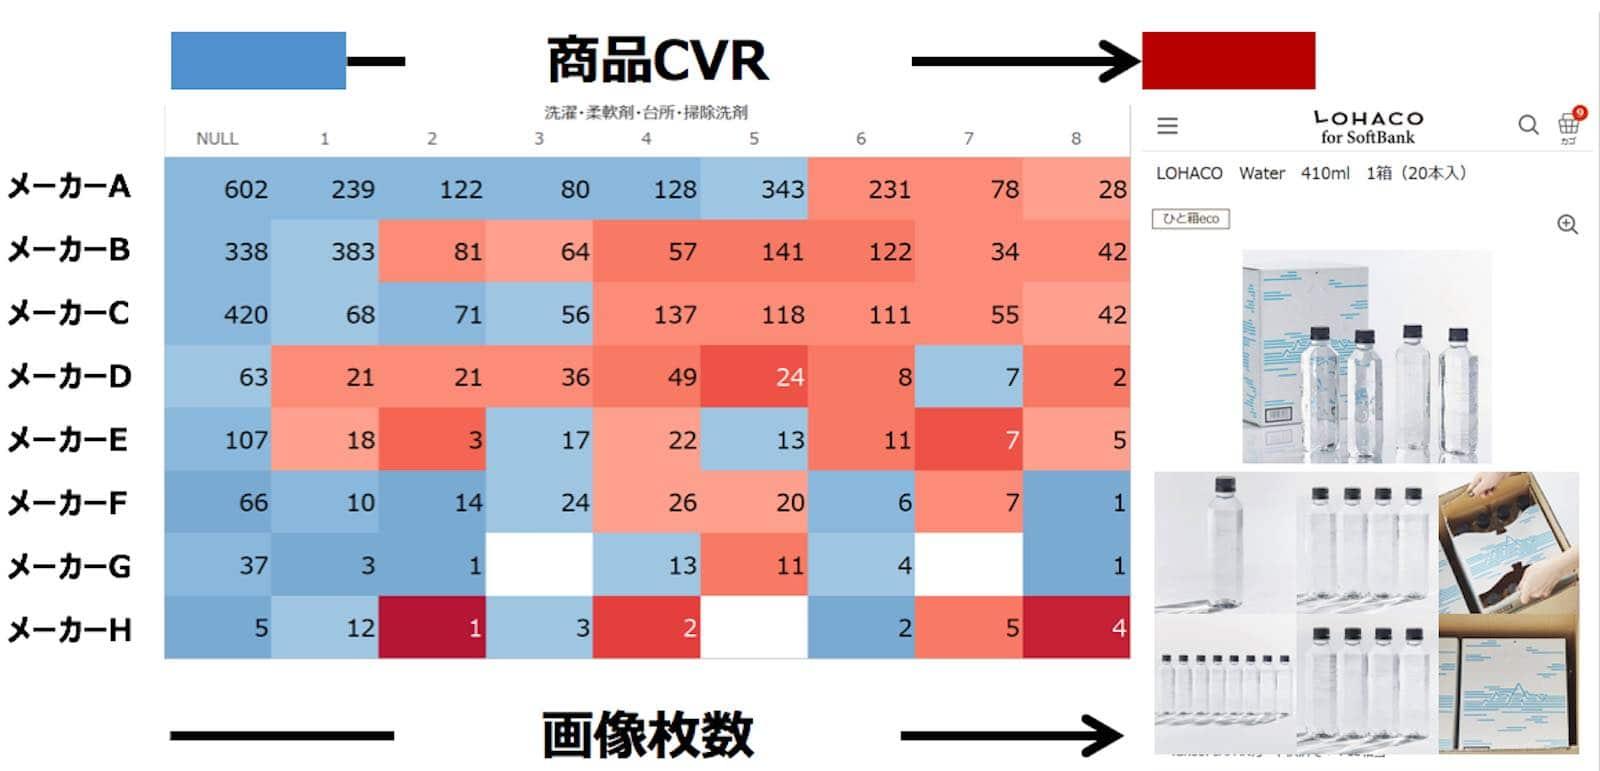 資料:商品画像の枚数とCVRの関係2